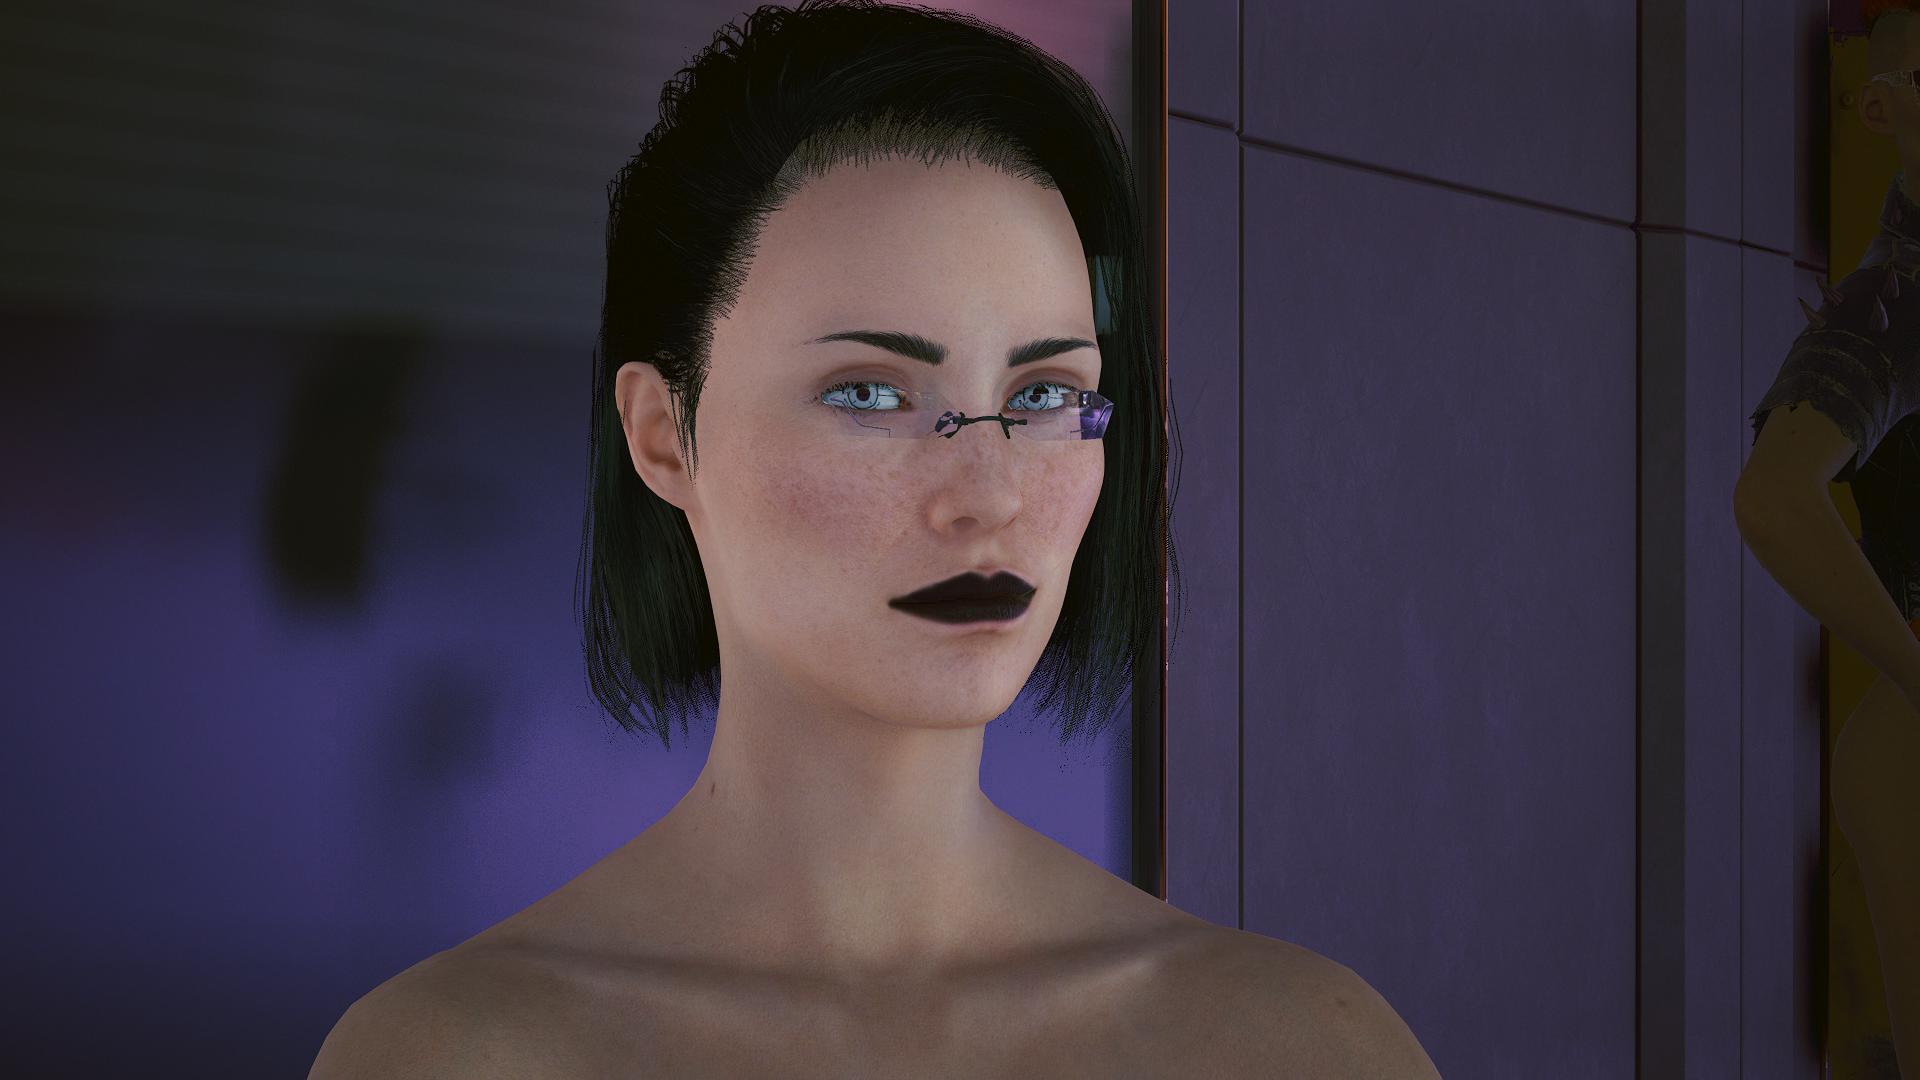 Новое лицо у девушки в этой игре.